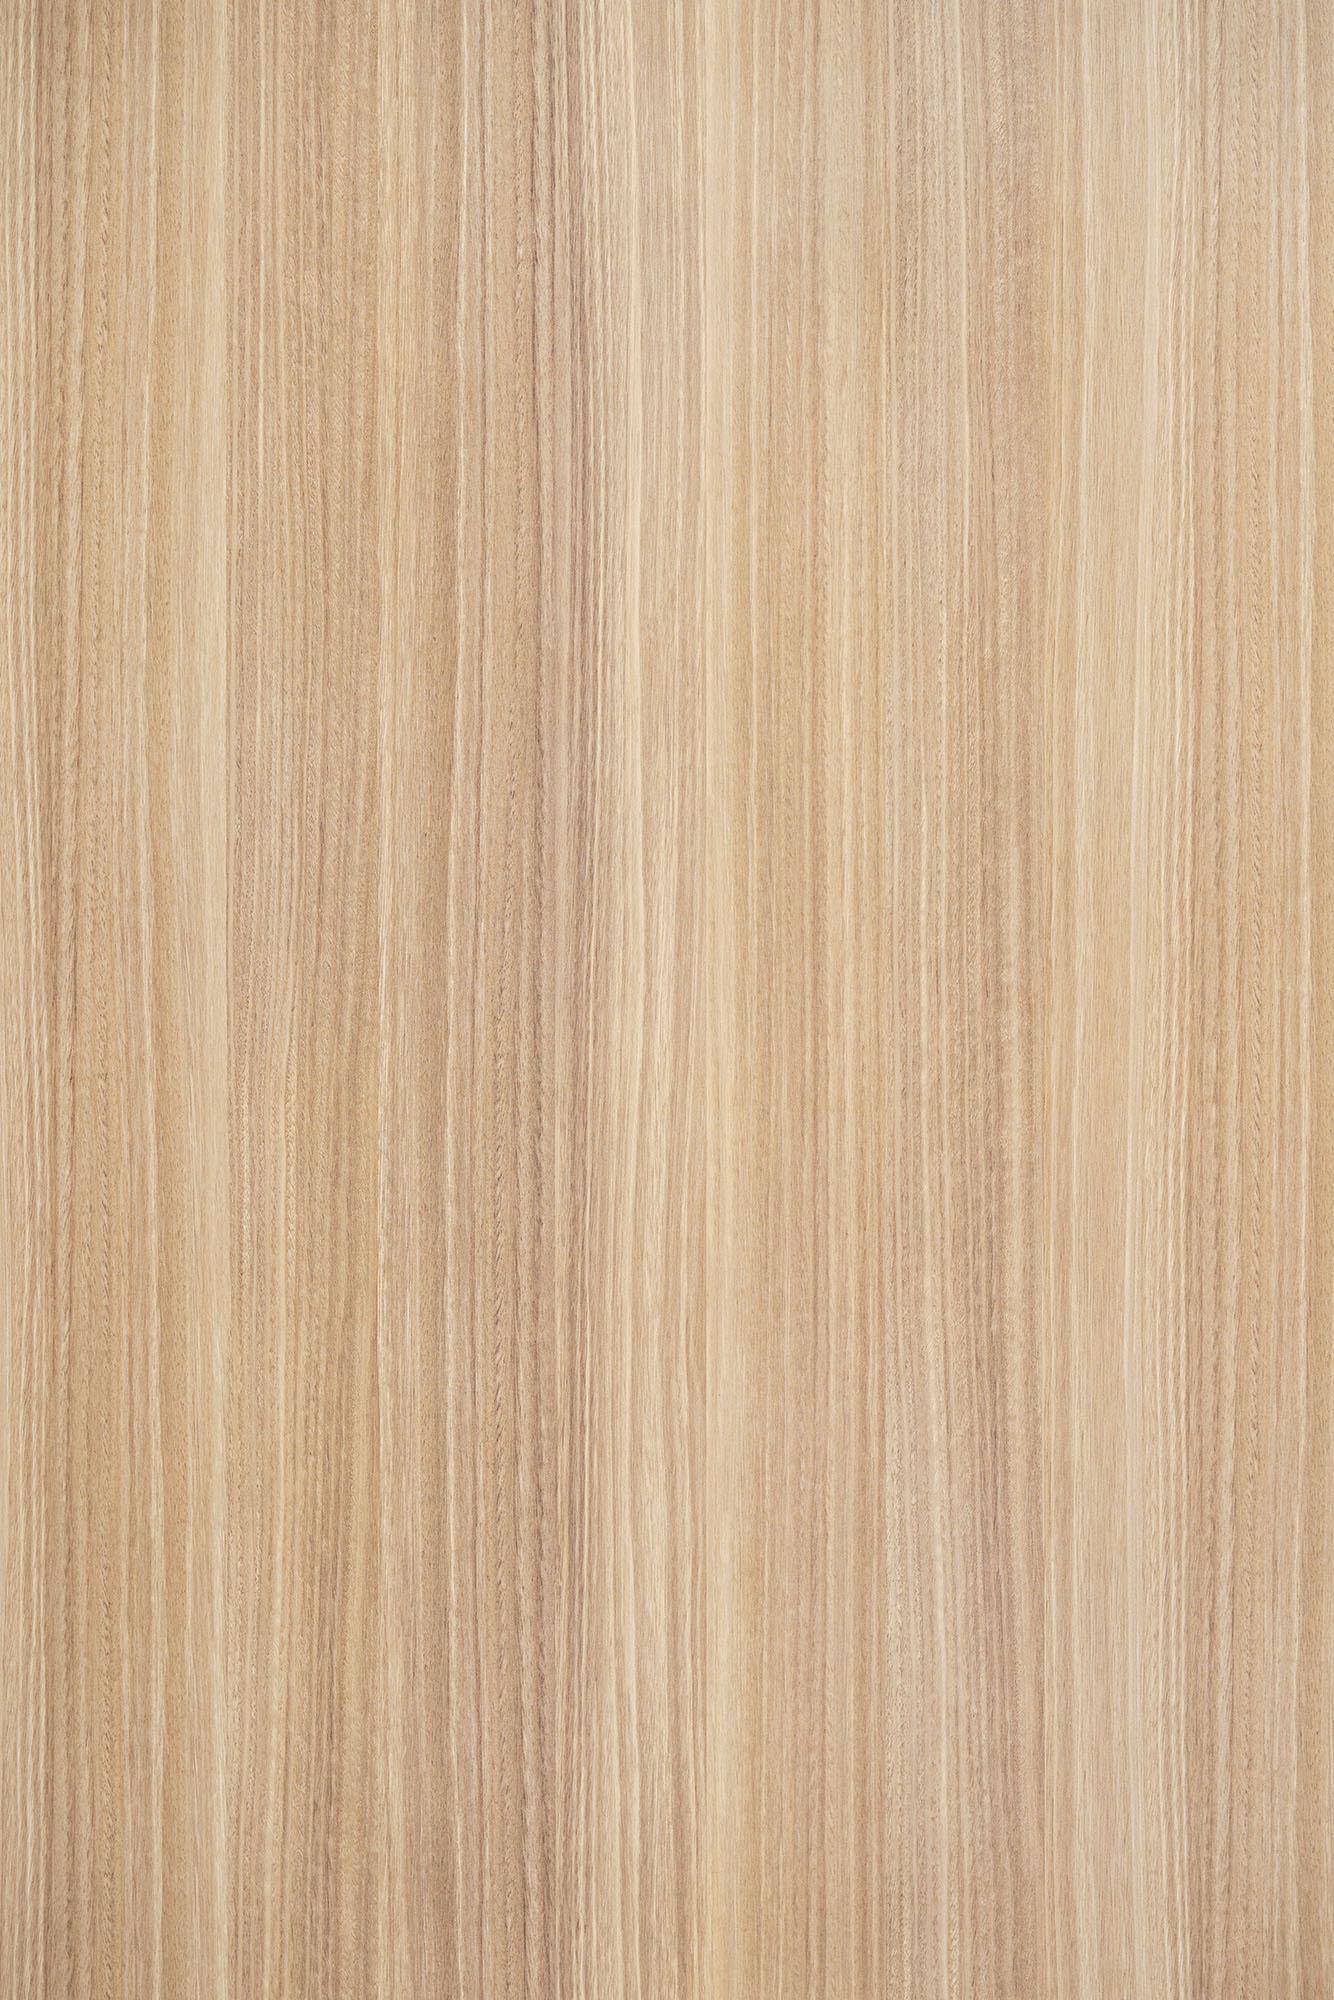 Alin Eucalyptus